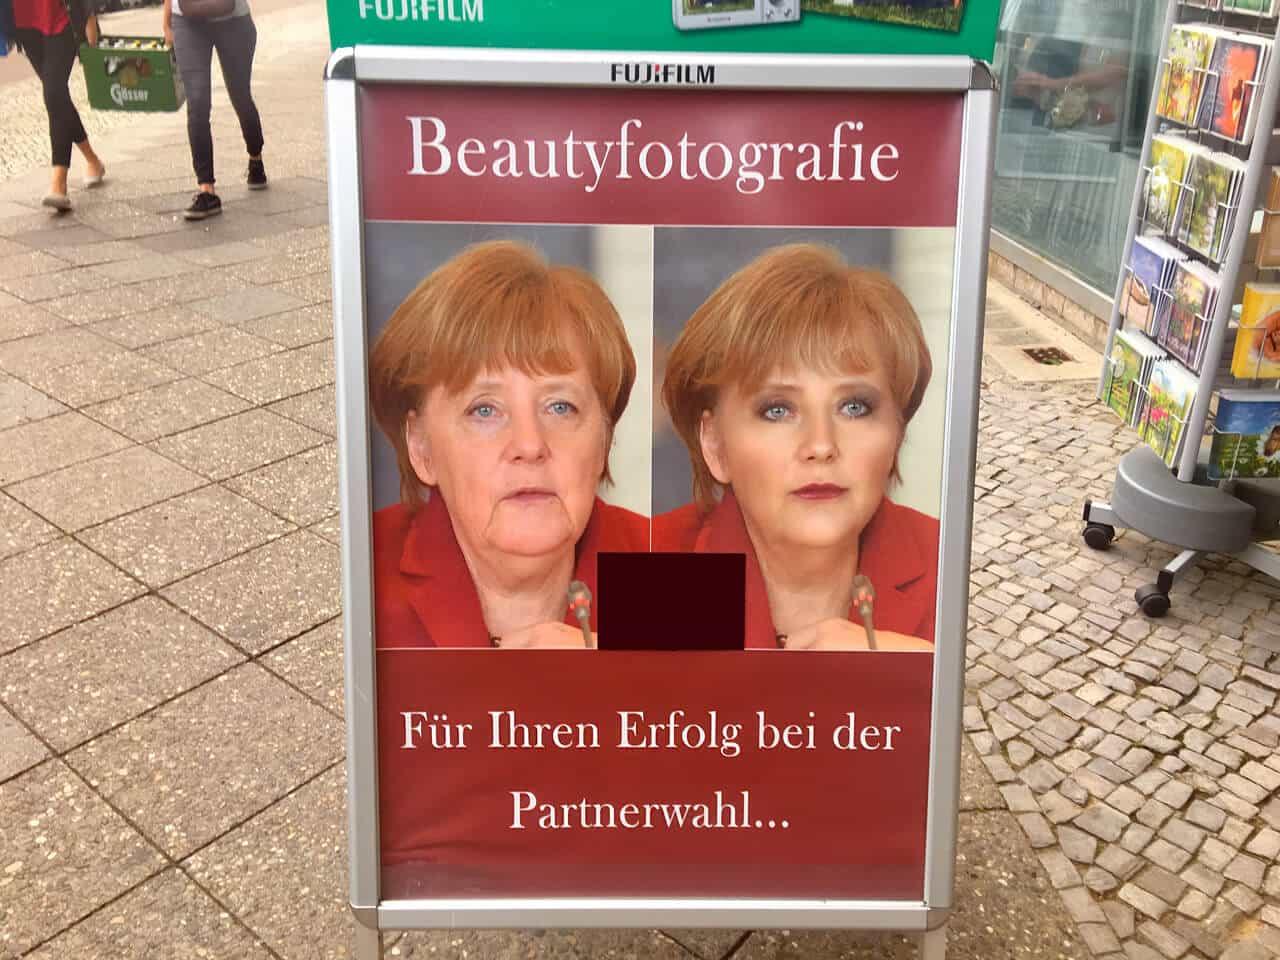 Die schöne Frau Merkel auf Partnersuche – Wie man mit Prominentenbildern nicht werben sollte